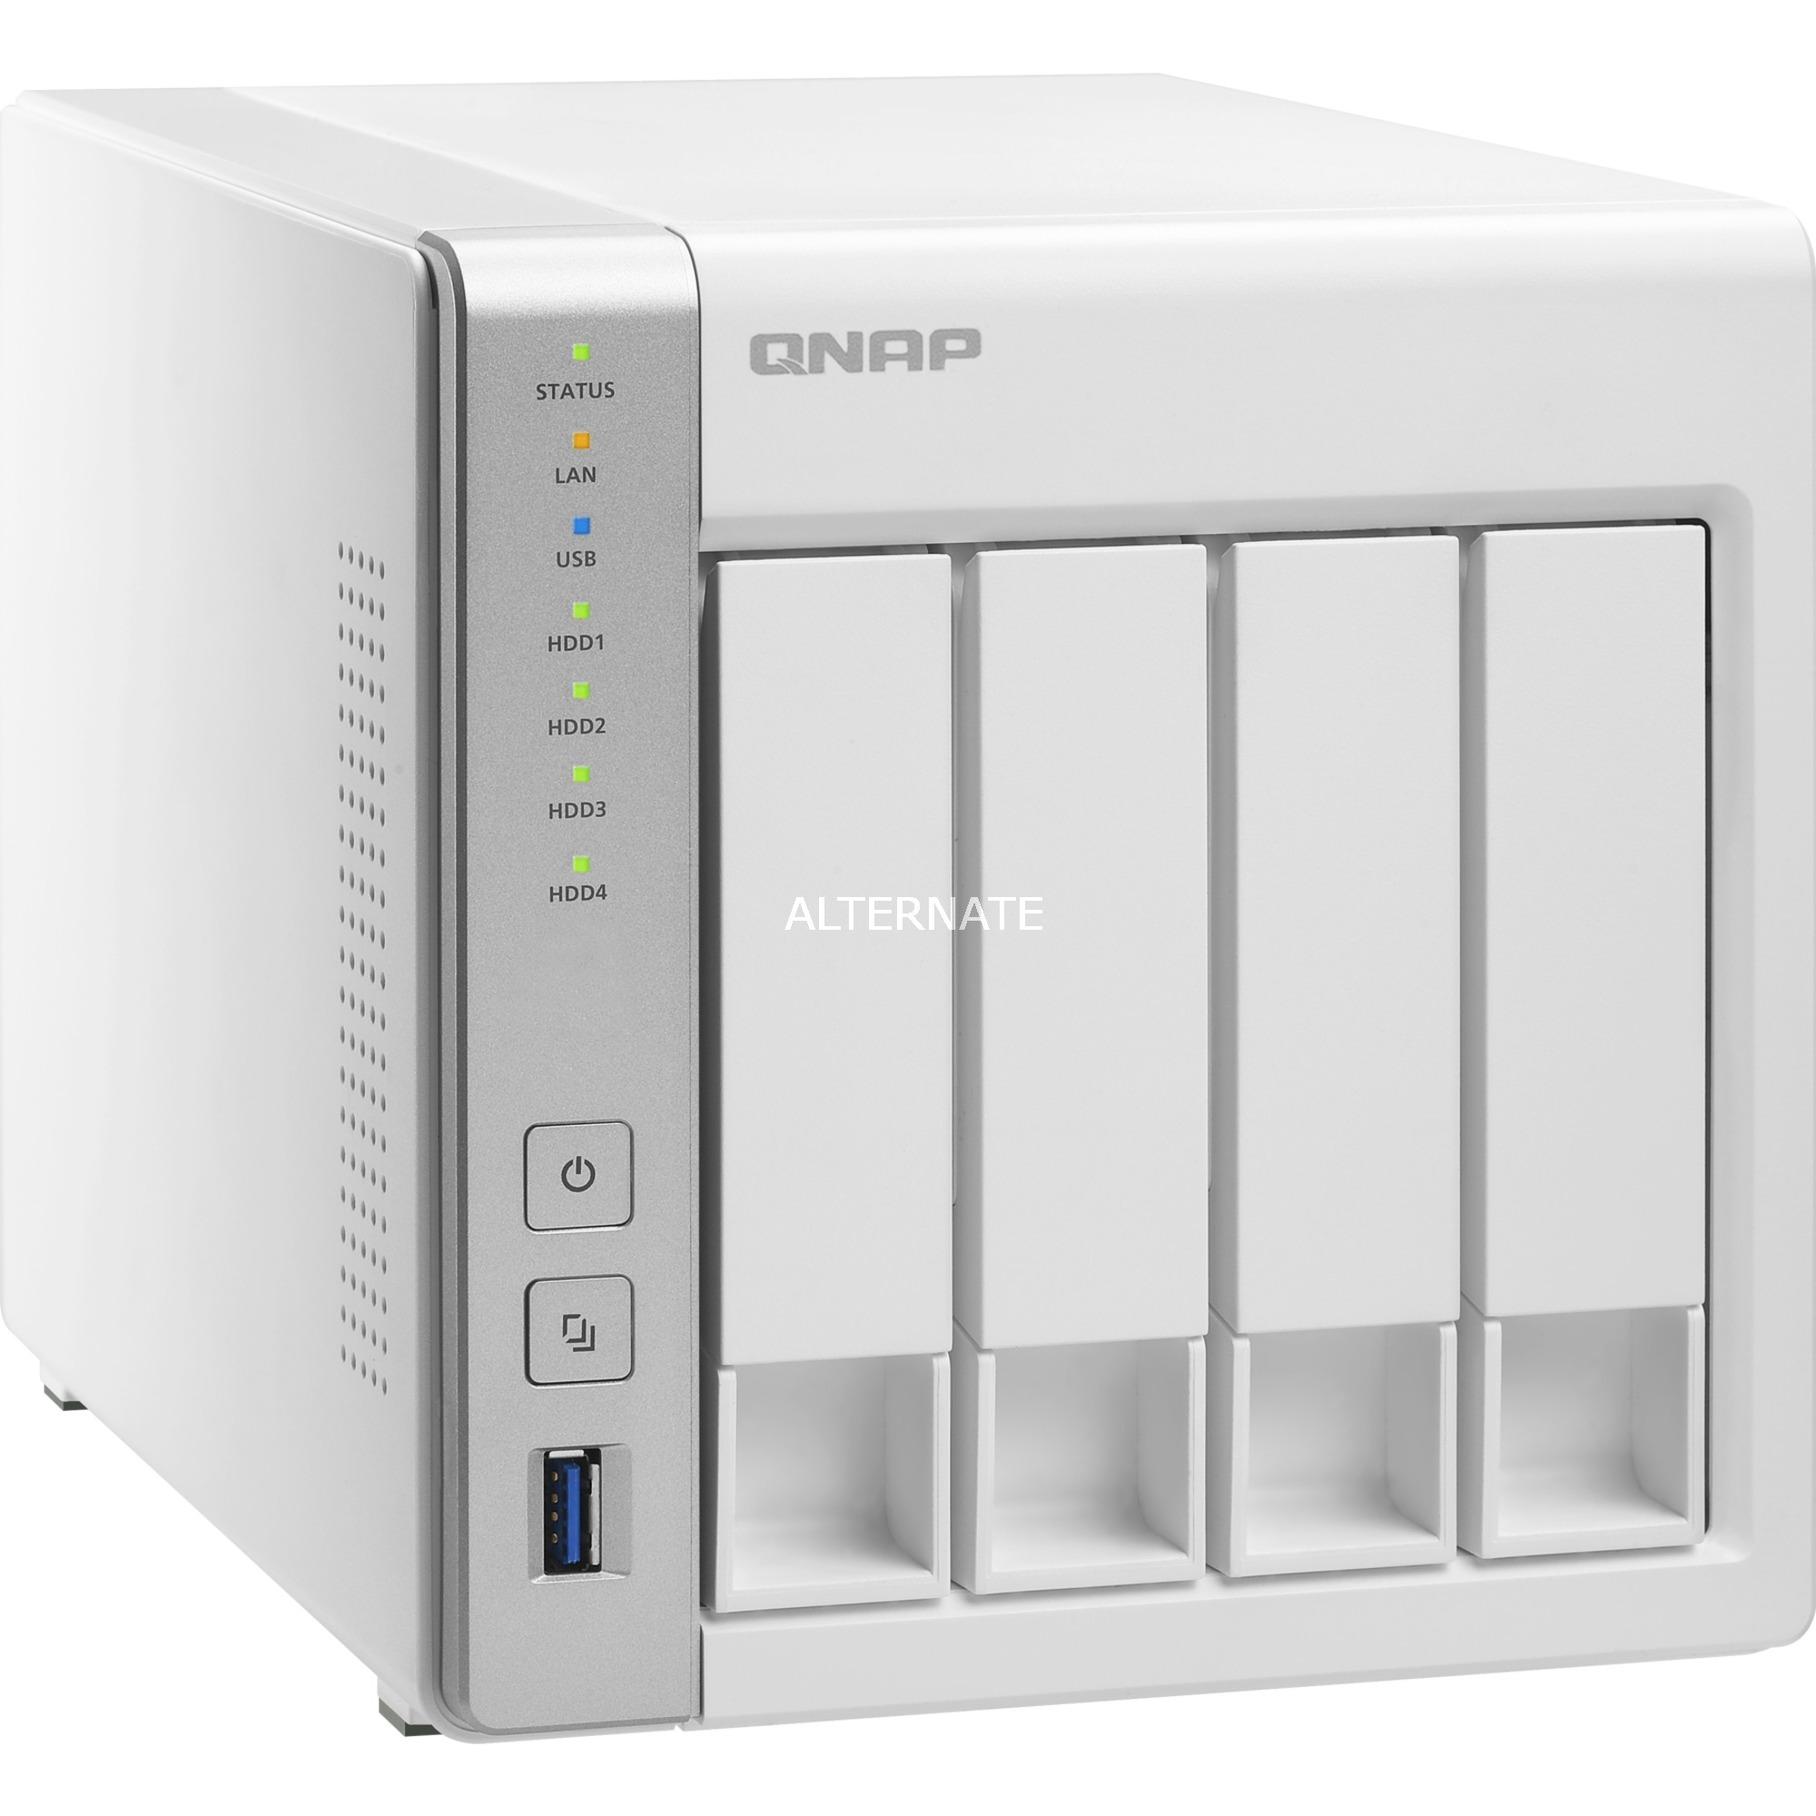 TS-431P servidor de almacenamiento Ethernet Torre Blanco NAS